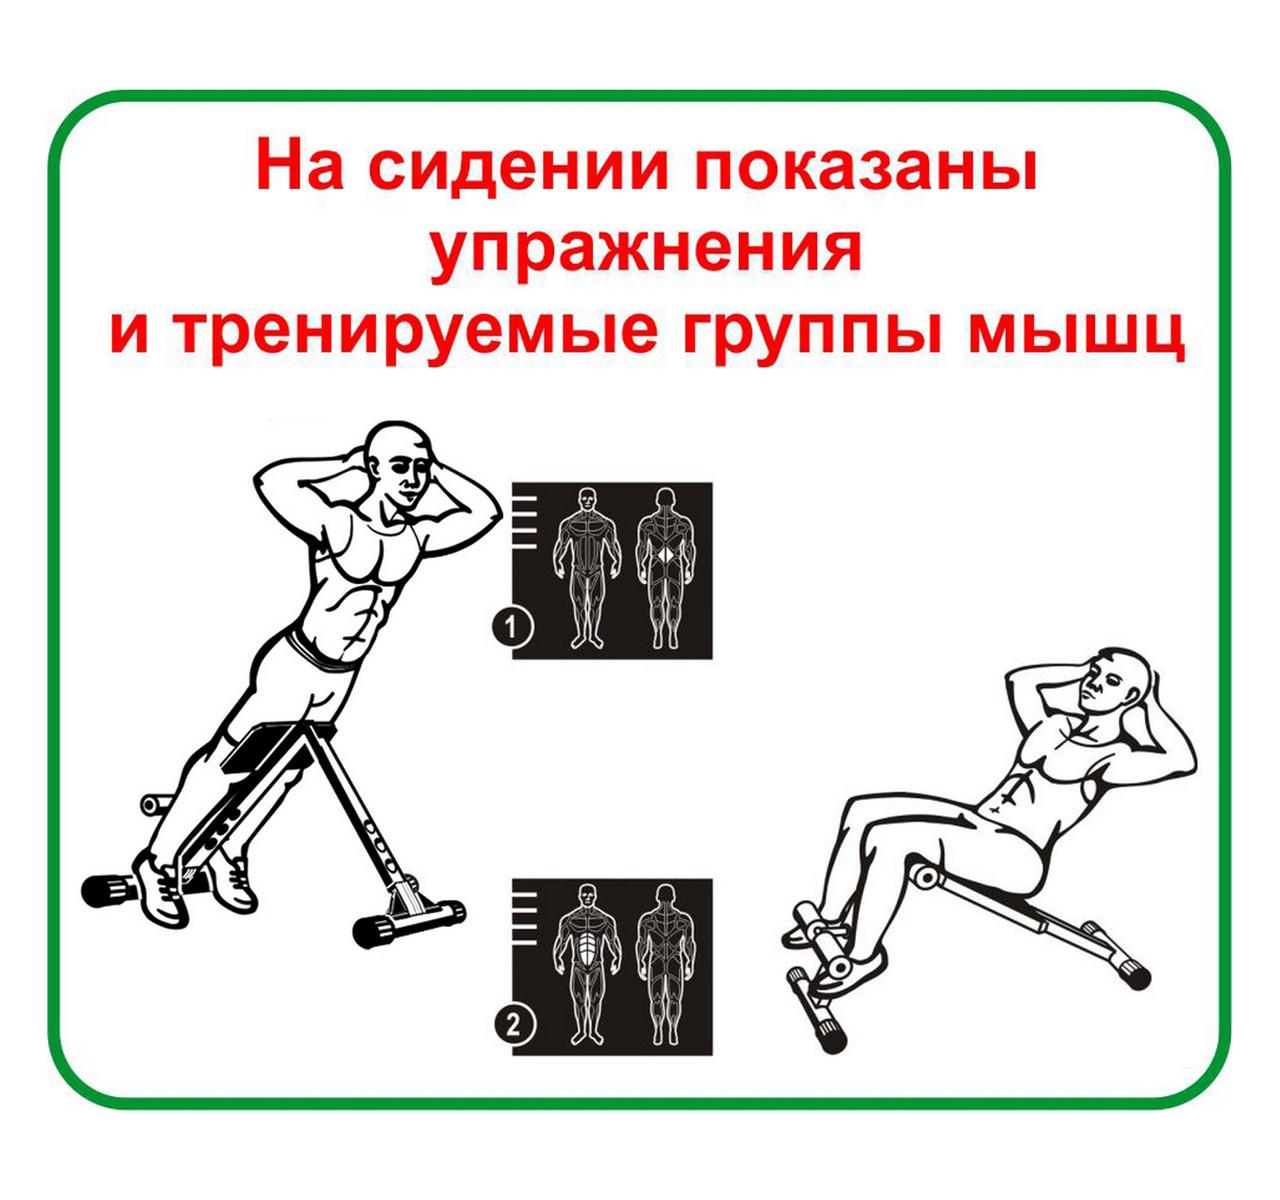 Скамья для пресса и мышц спины 140 кг Россия - фото 4